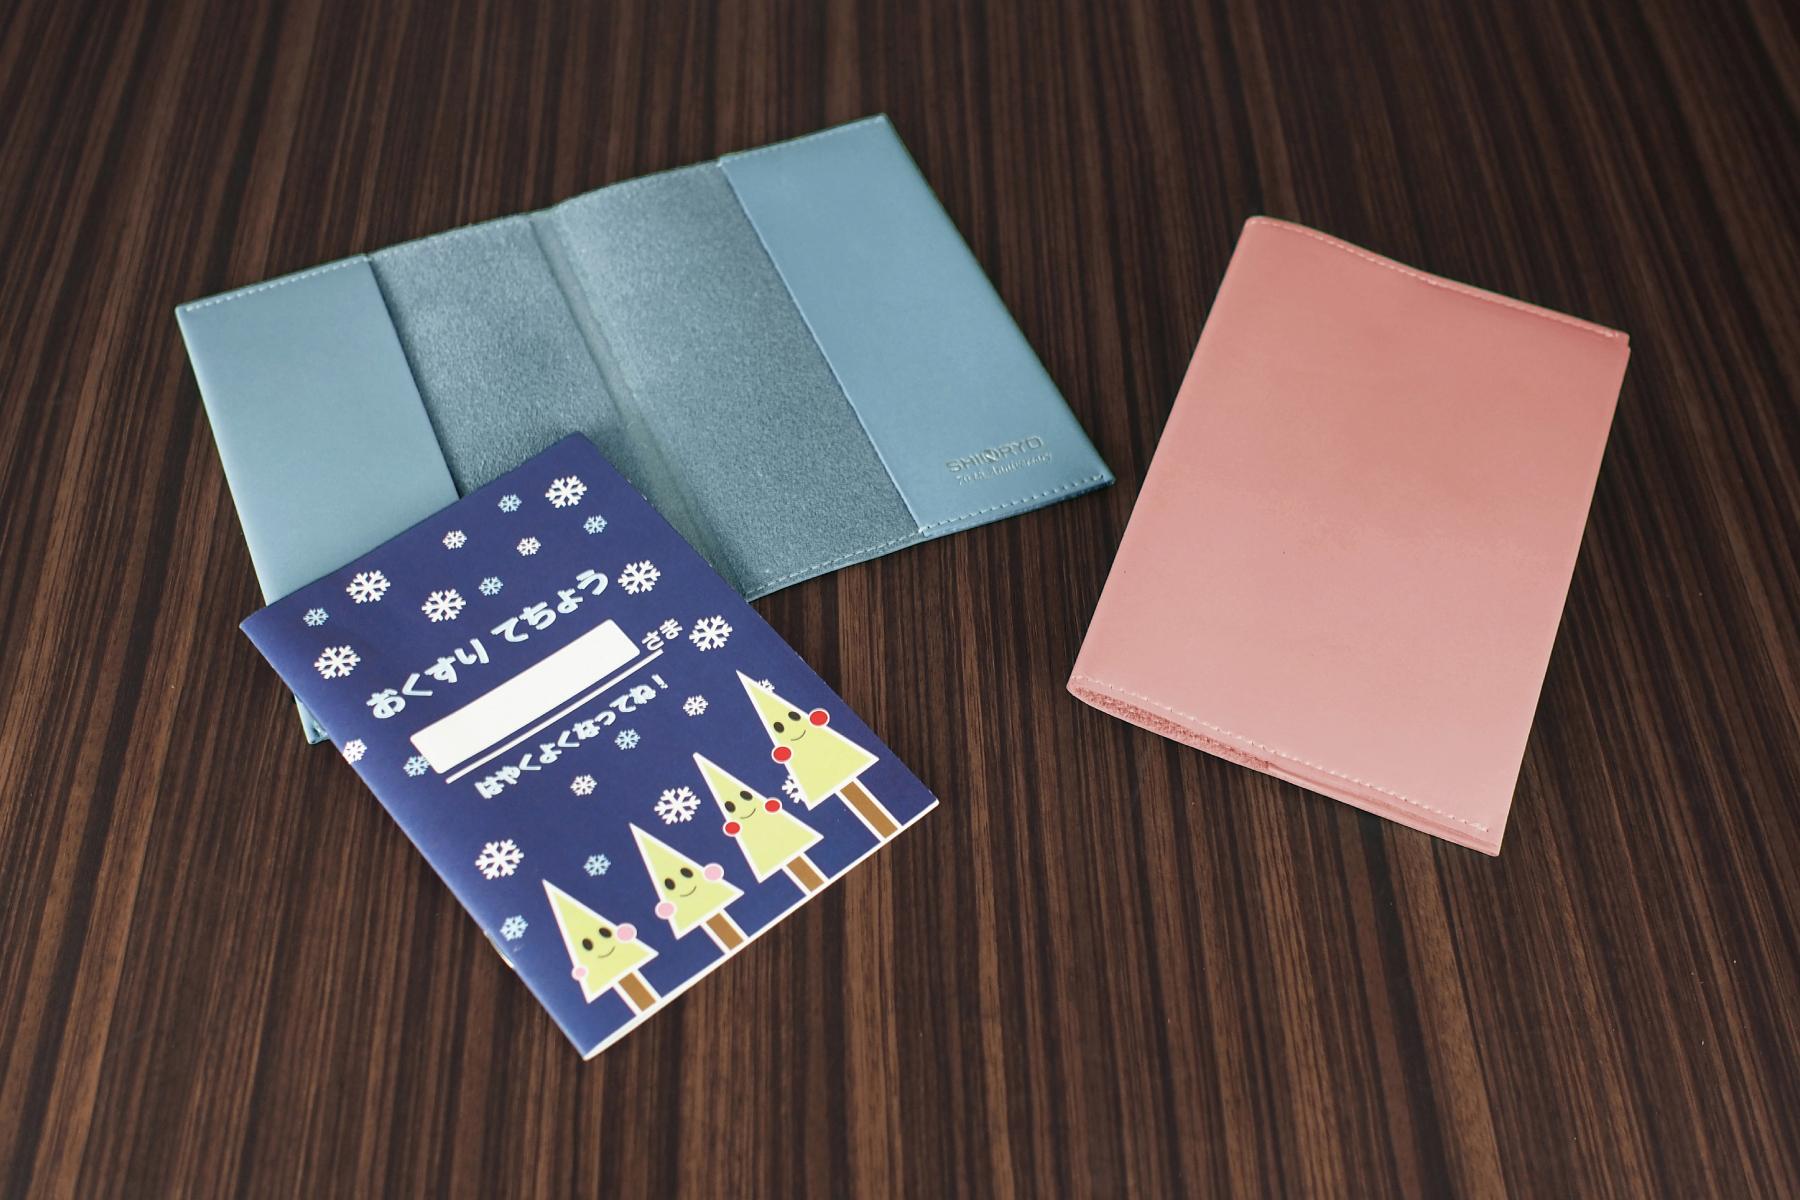 おくすり手帳カバーを創立70周年記念に使用した例